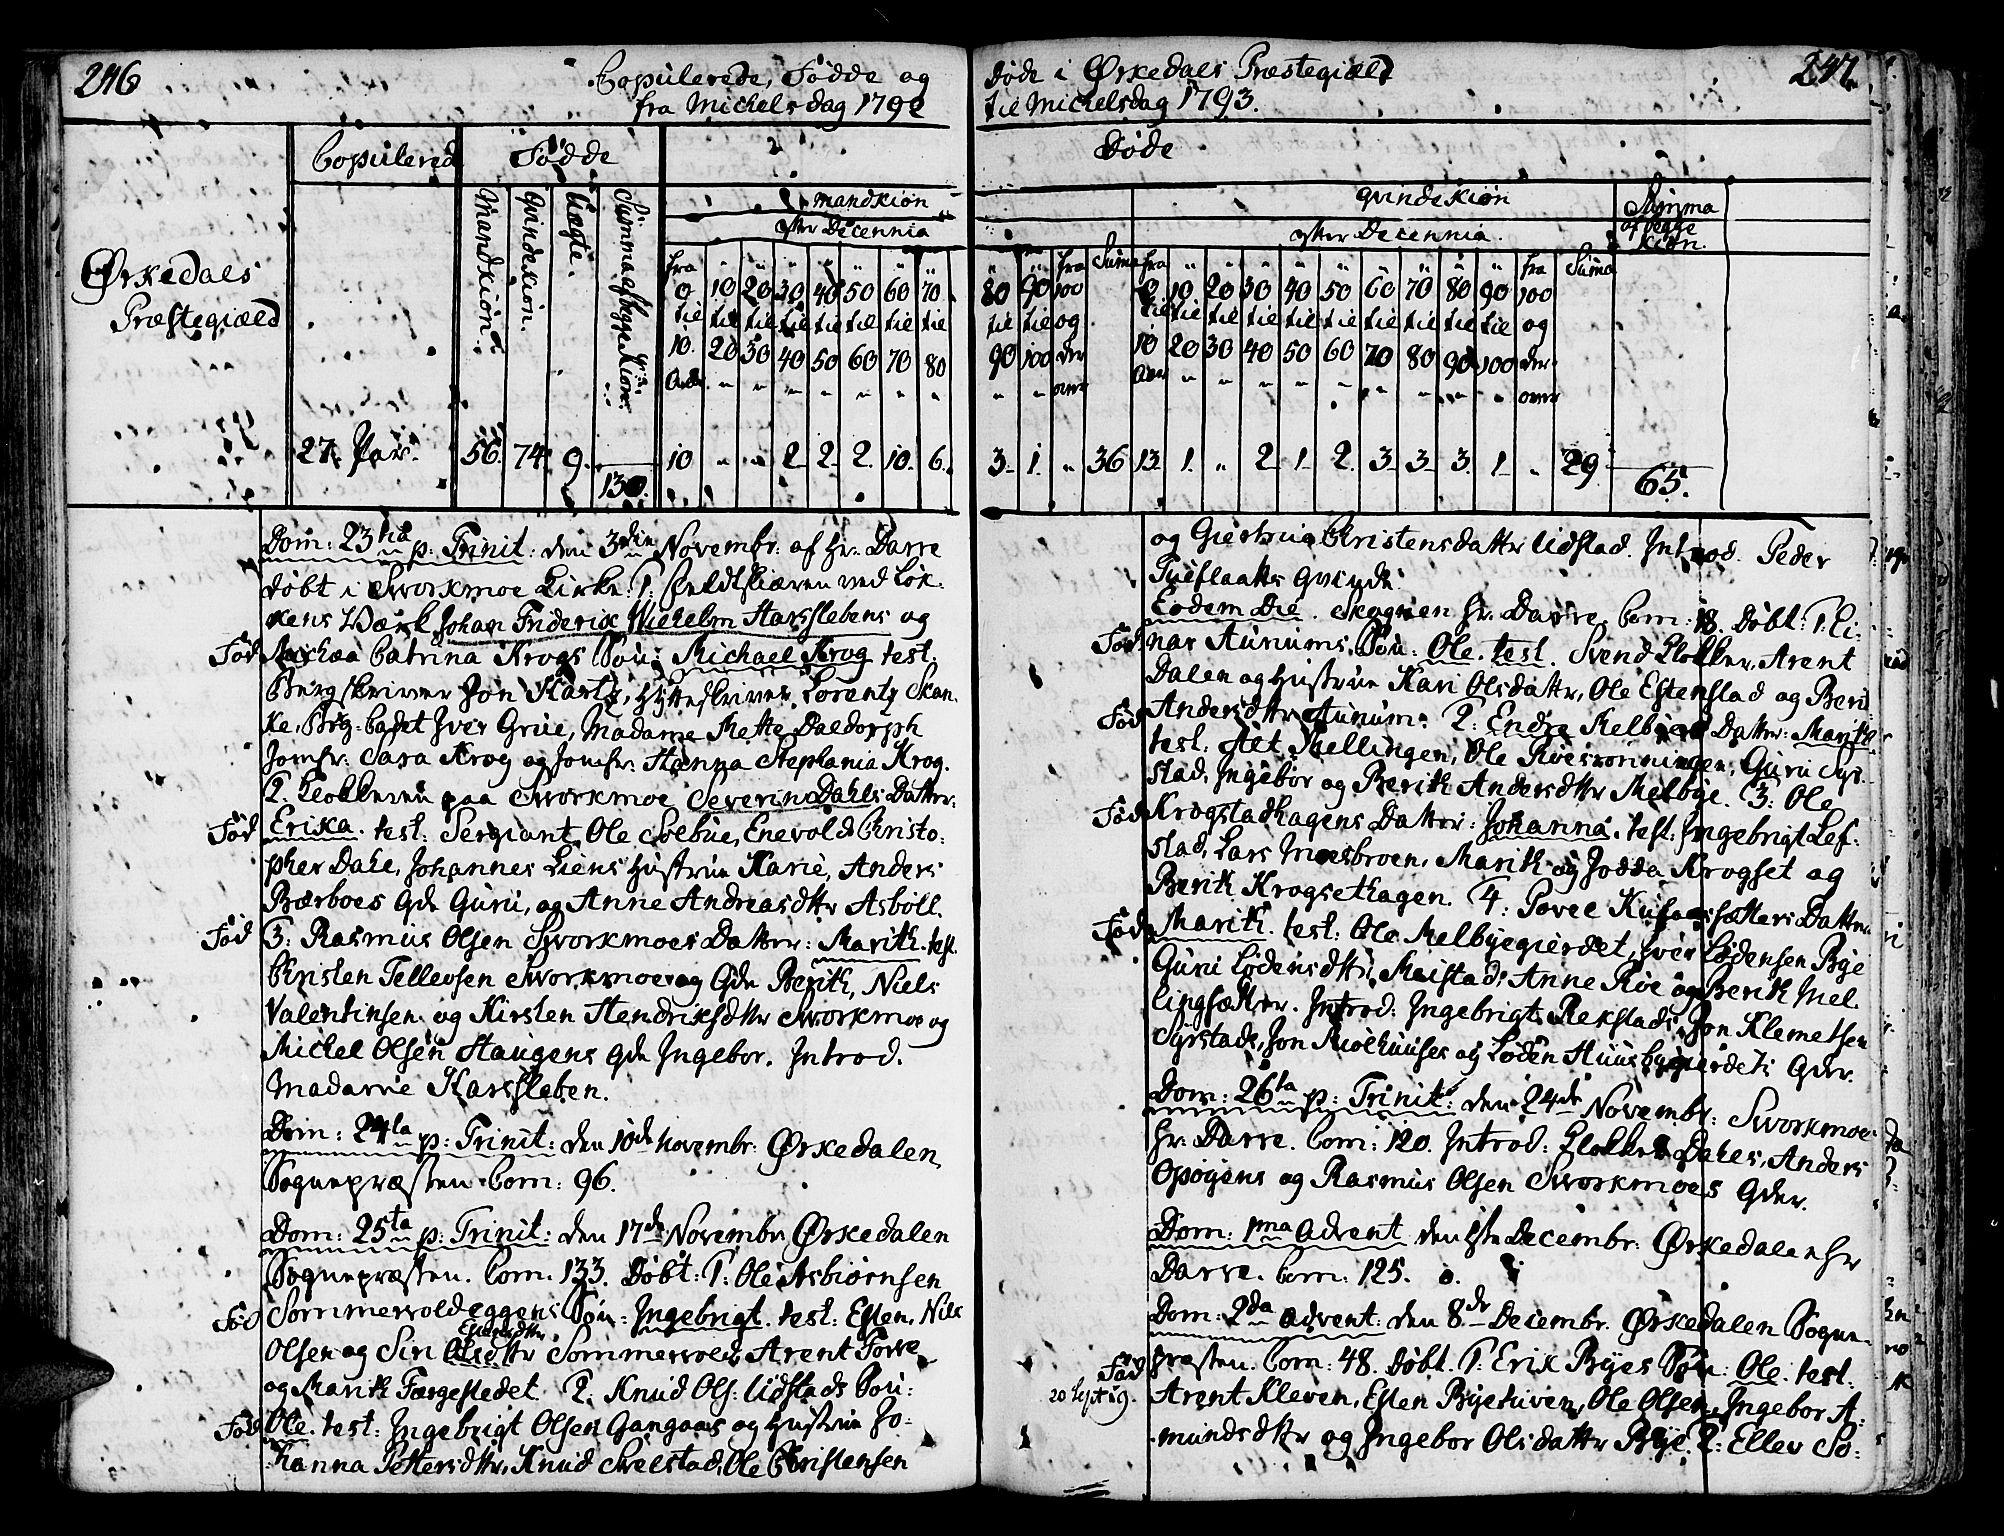 SAT, Ministerialprotokoller, klokkerbøker og fødselsregistre - Sør-Trøndelag, 668/L0802: Ministerialbok nr. 668A02, 1776-1799, s. 246-247